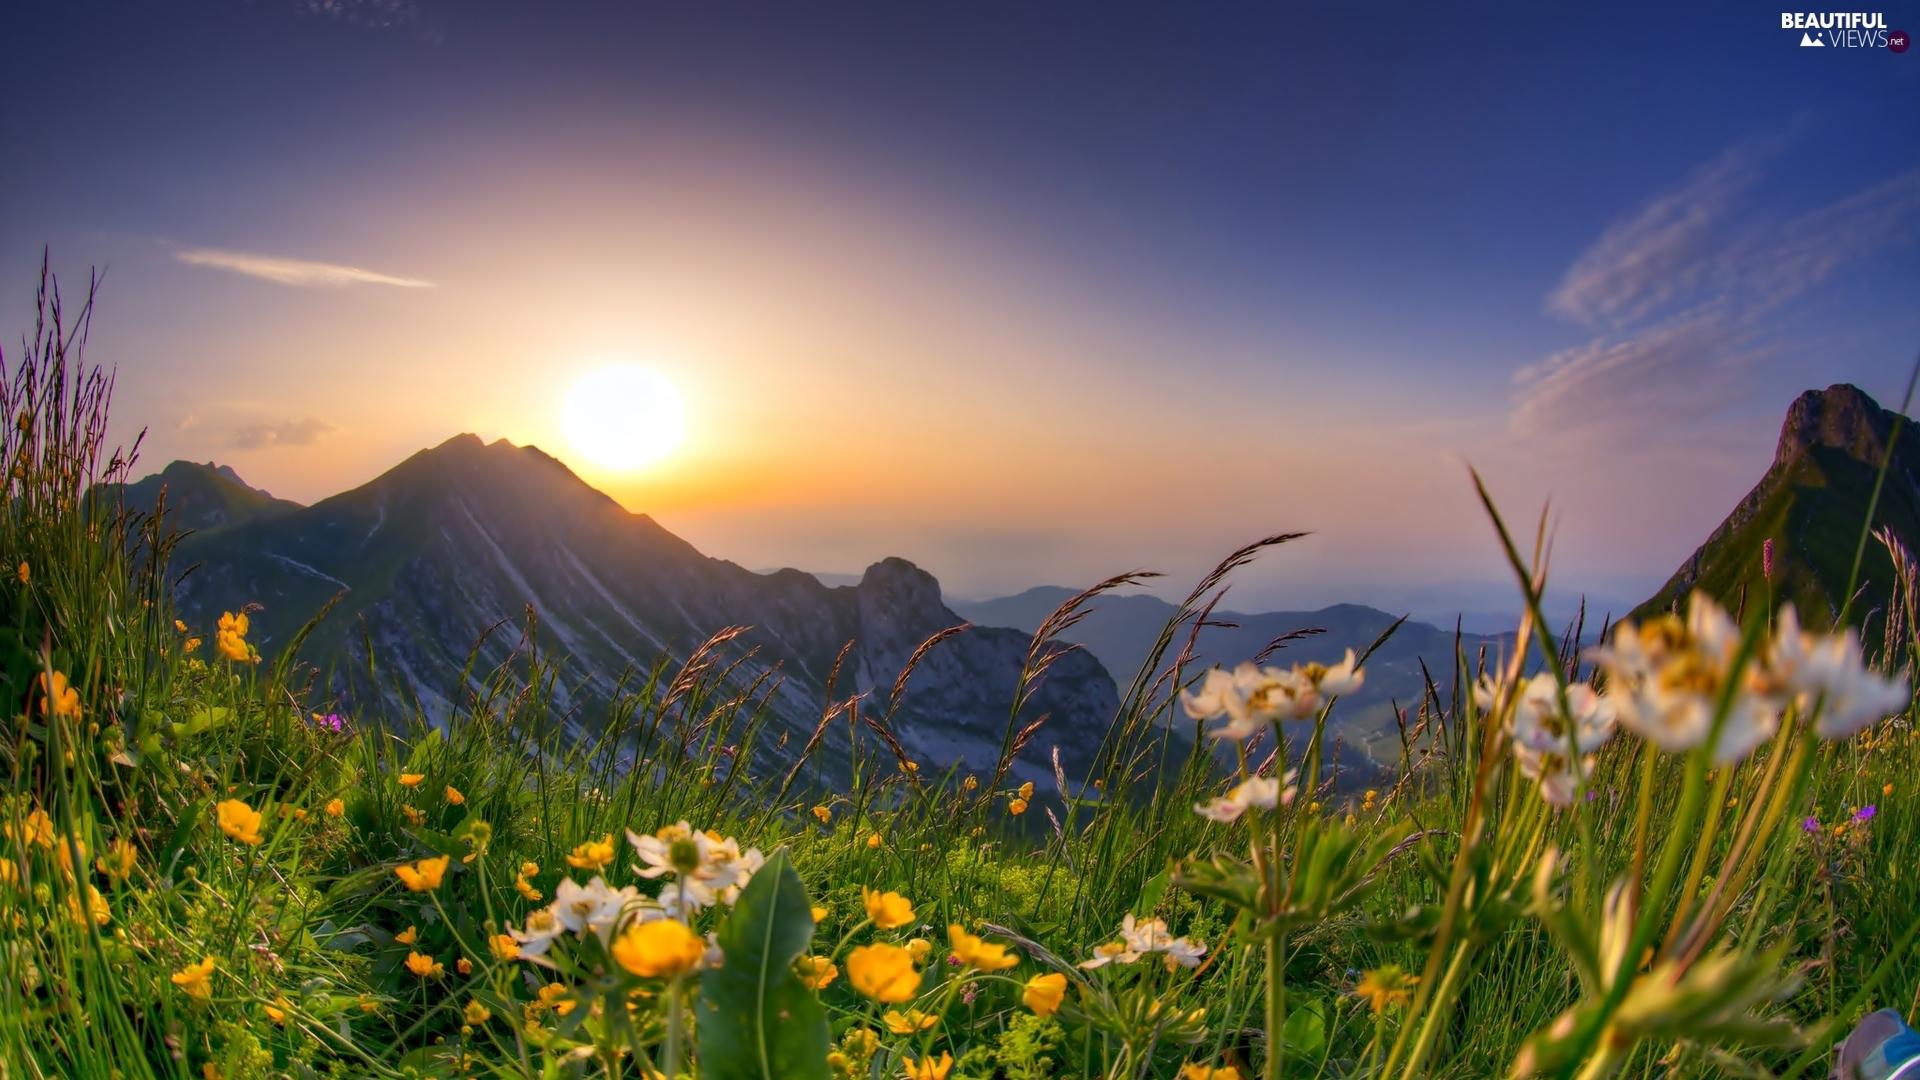 sunrise mountains flowers - photo #5